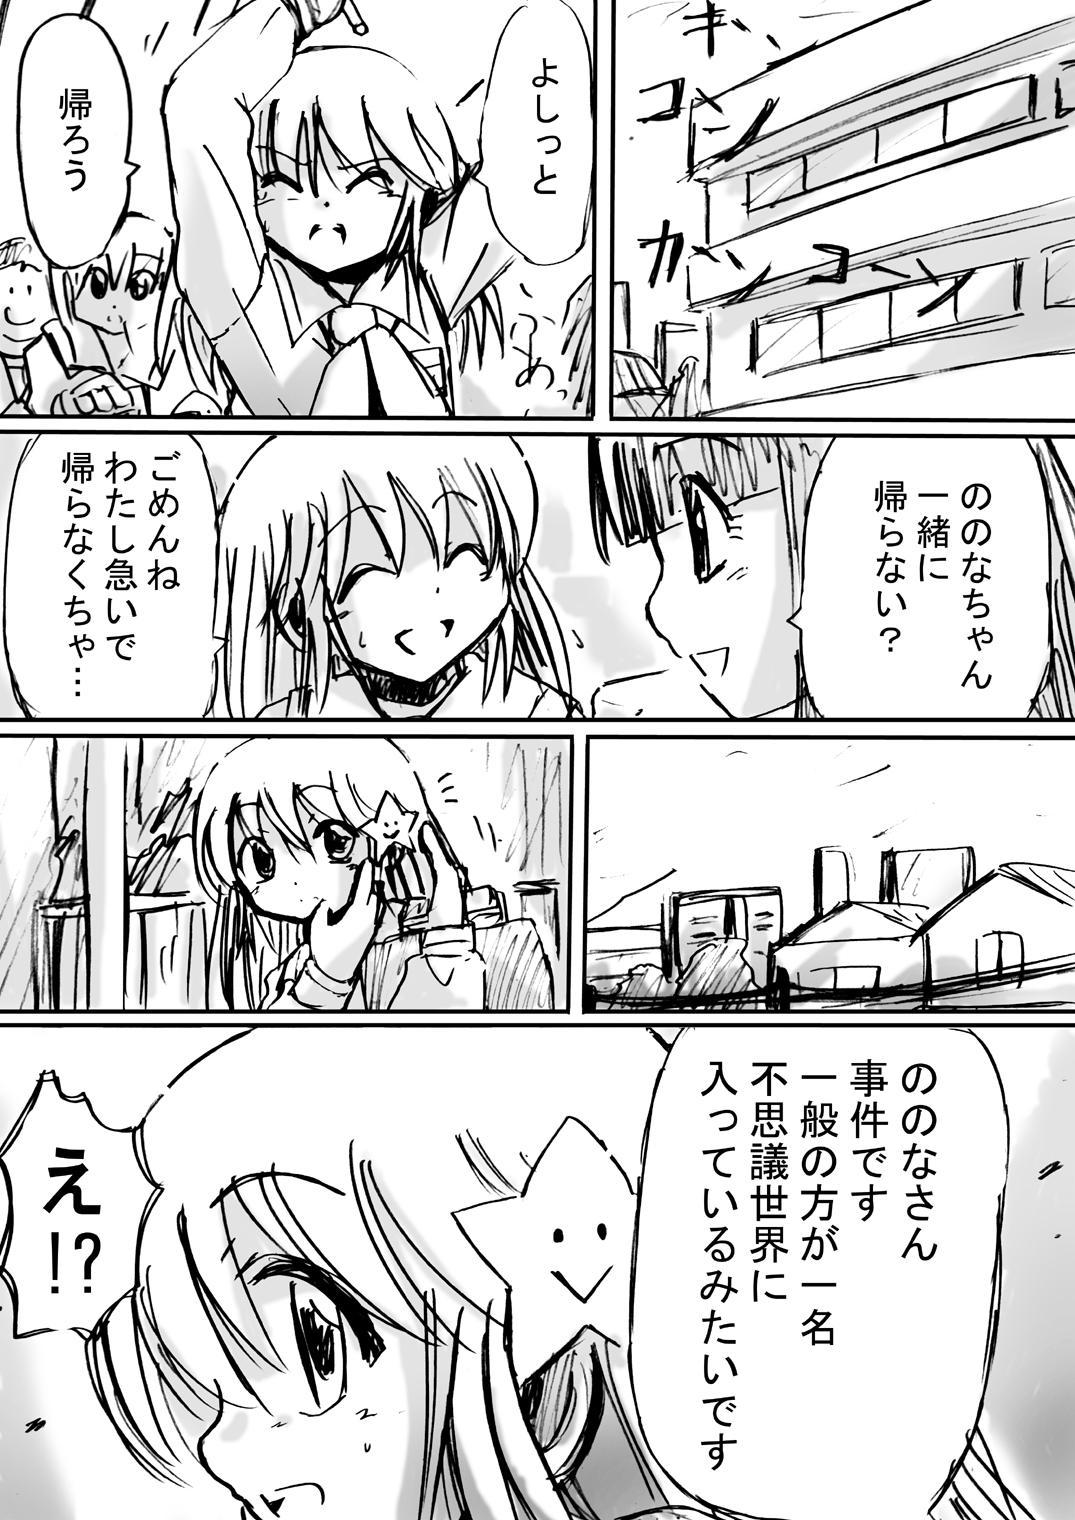 [Dende] Fushigi Sekai -Mystery World- Nonoha 5 ~Jokuma no Kyouniku no Tainai Shinshoku~ 19